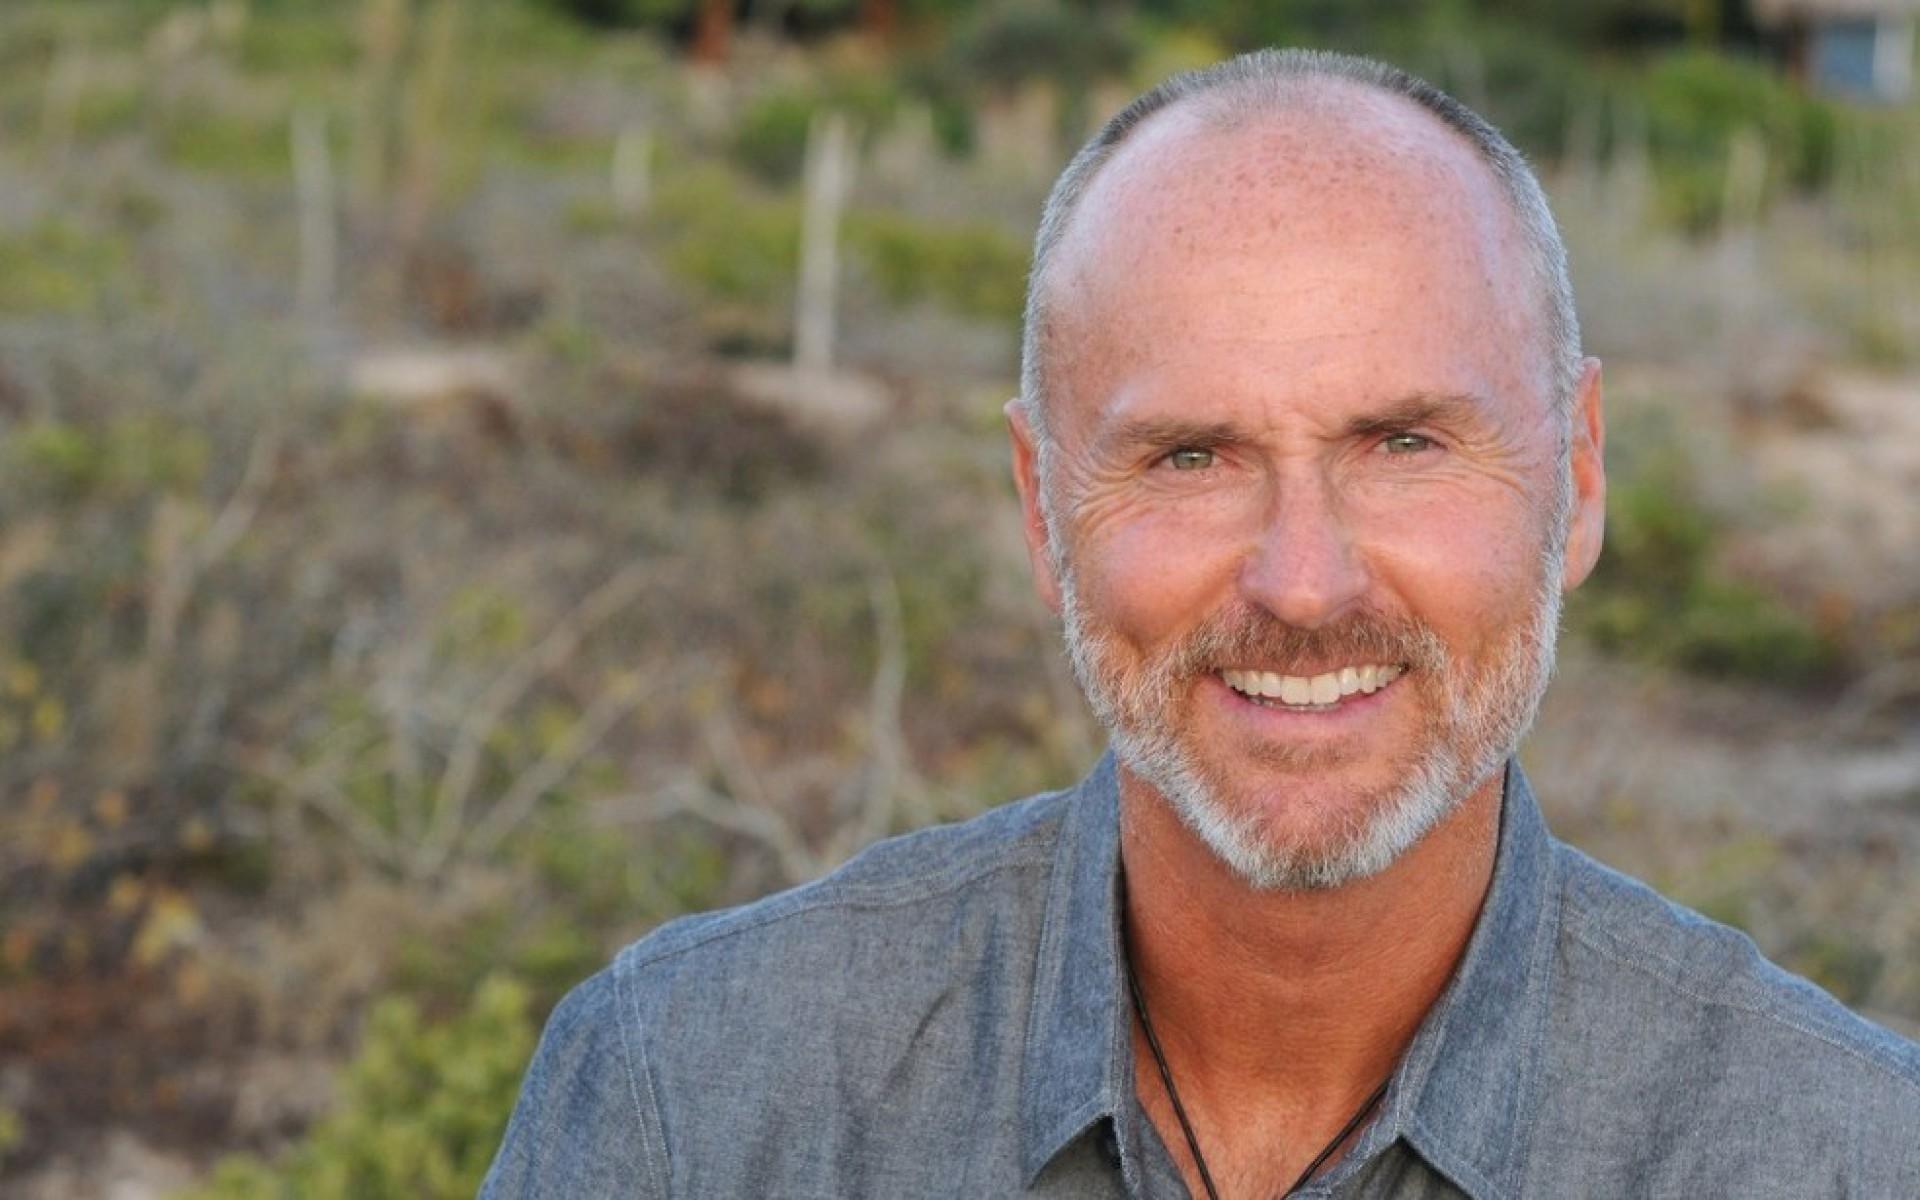 """Fundador da """"Modern Elder Academy"""", Chip Conley é o palestrante internacional convidado para o Maturifest 2021  (Foto: DIVULGAÇÃO)"""